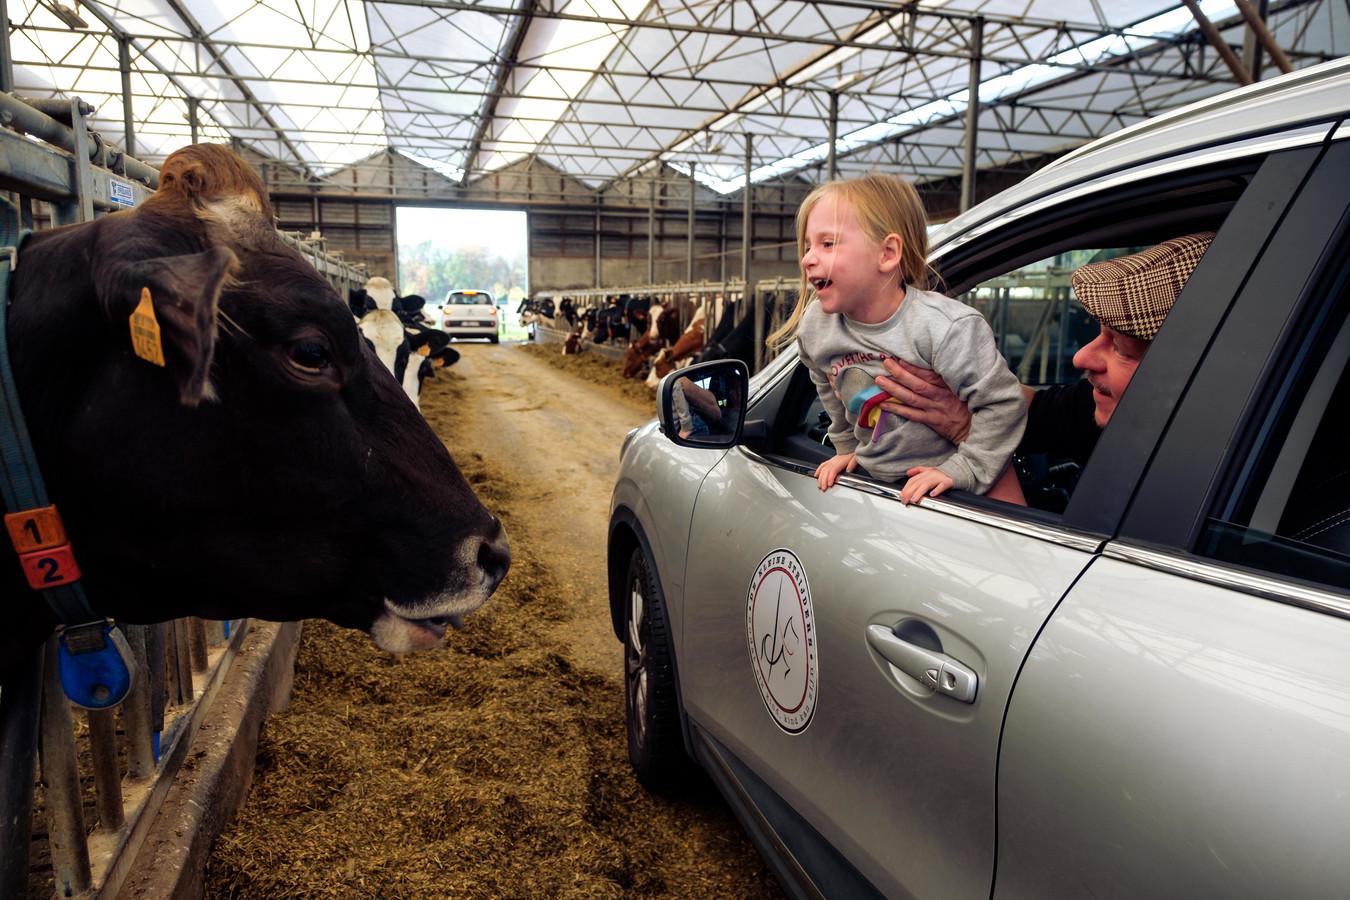 De 'Binnen Bij Boeren'-dagen worden in 6 gemeentes van 't Pleckske vzw georganiseerd.